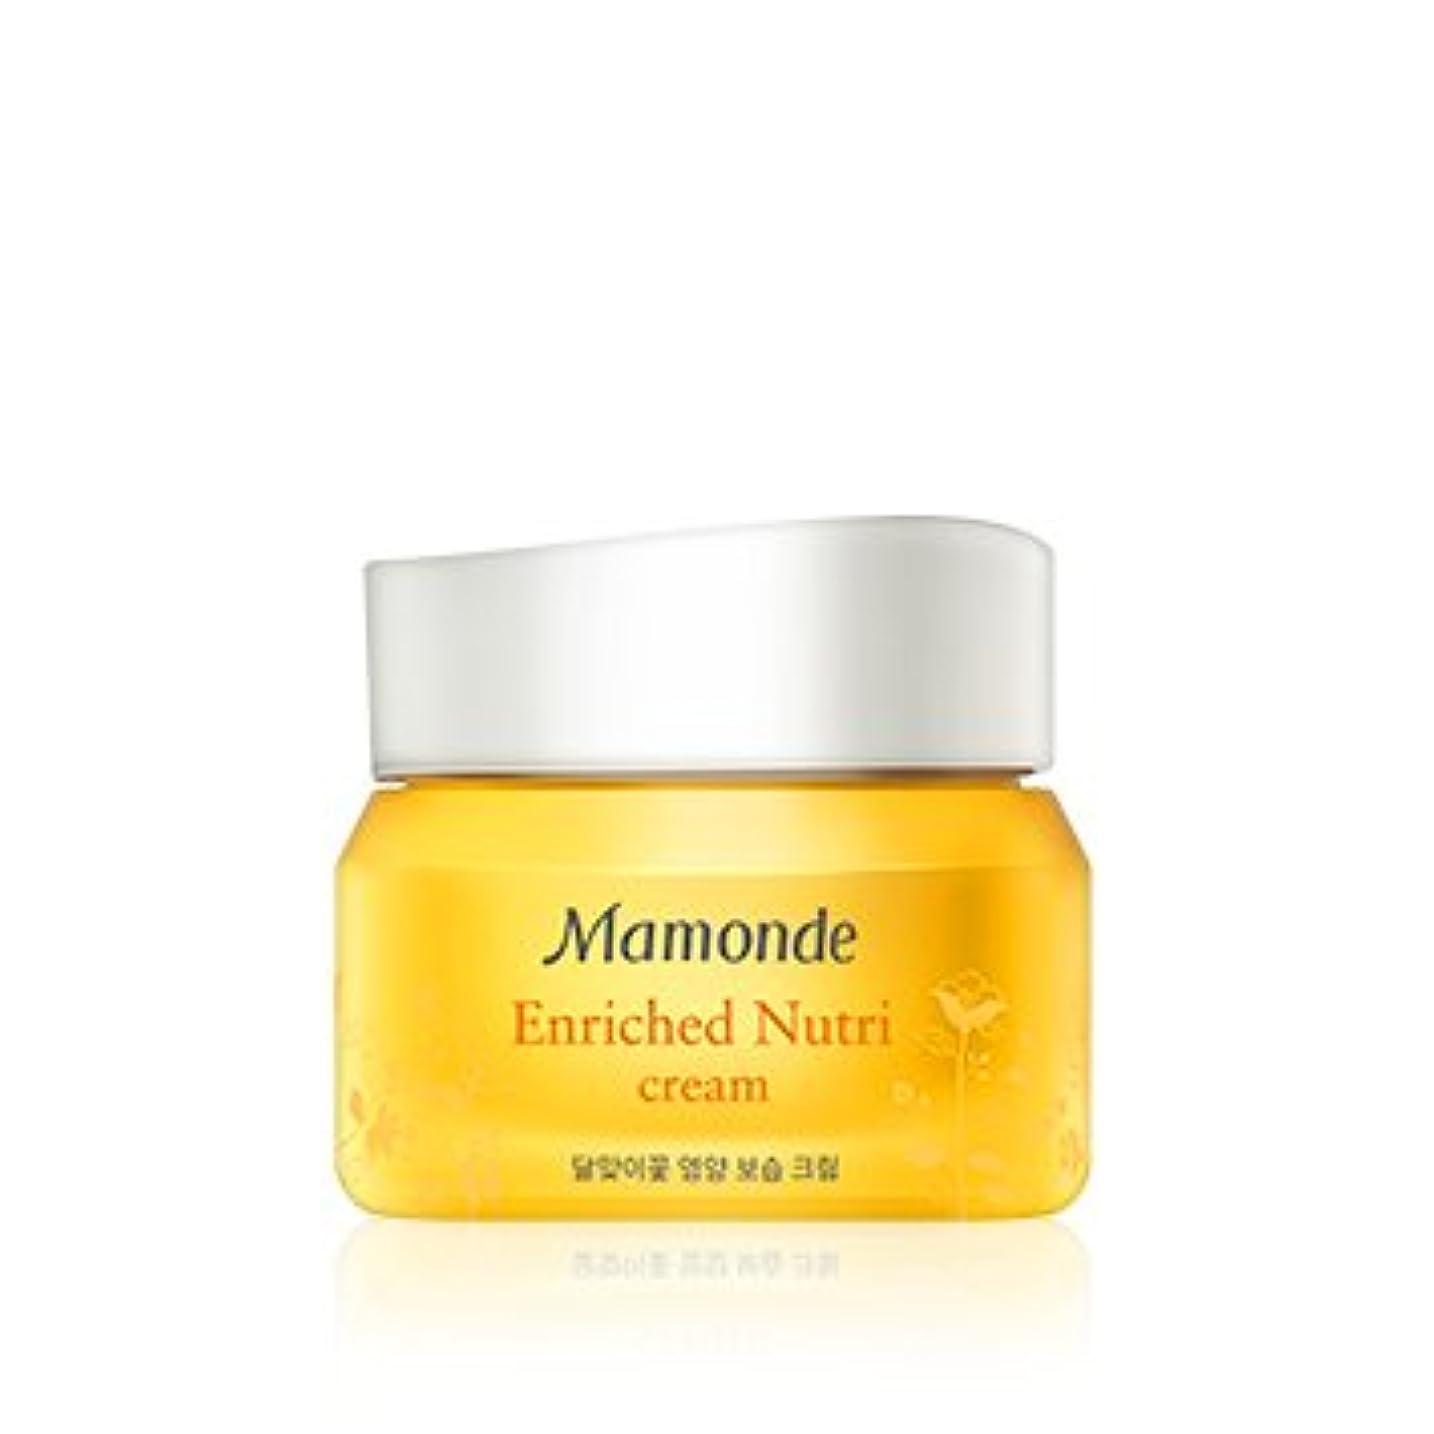 十分な伝える電気[New] Mamonde Enriched Nutri Cream 50ml/マモンド エンリッチド ニュートリ クリーム 50ml [並行輸入品]